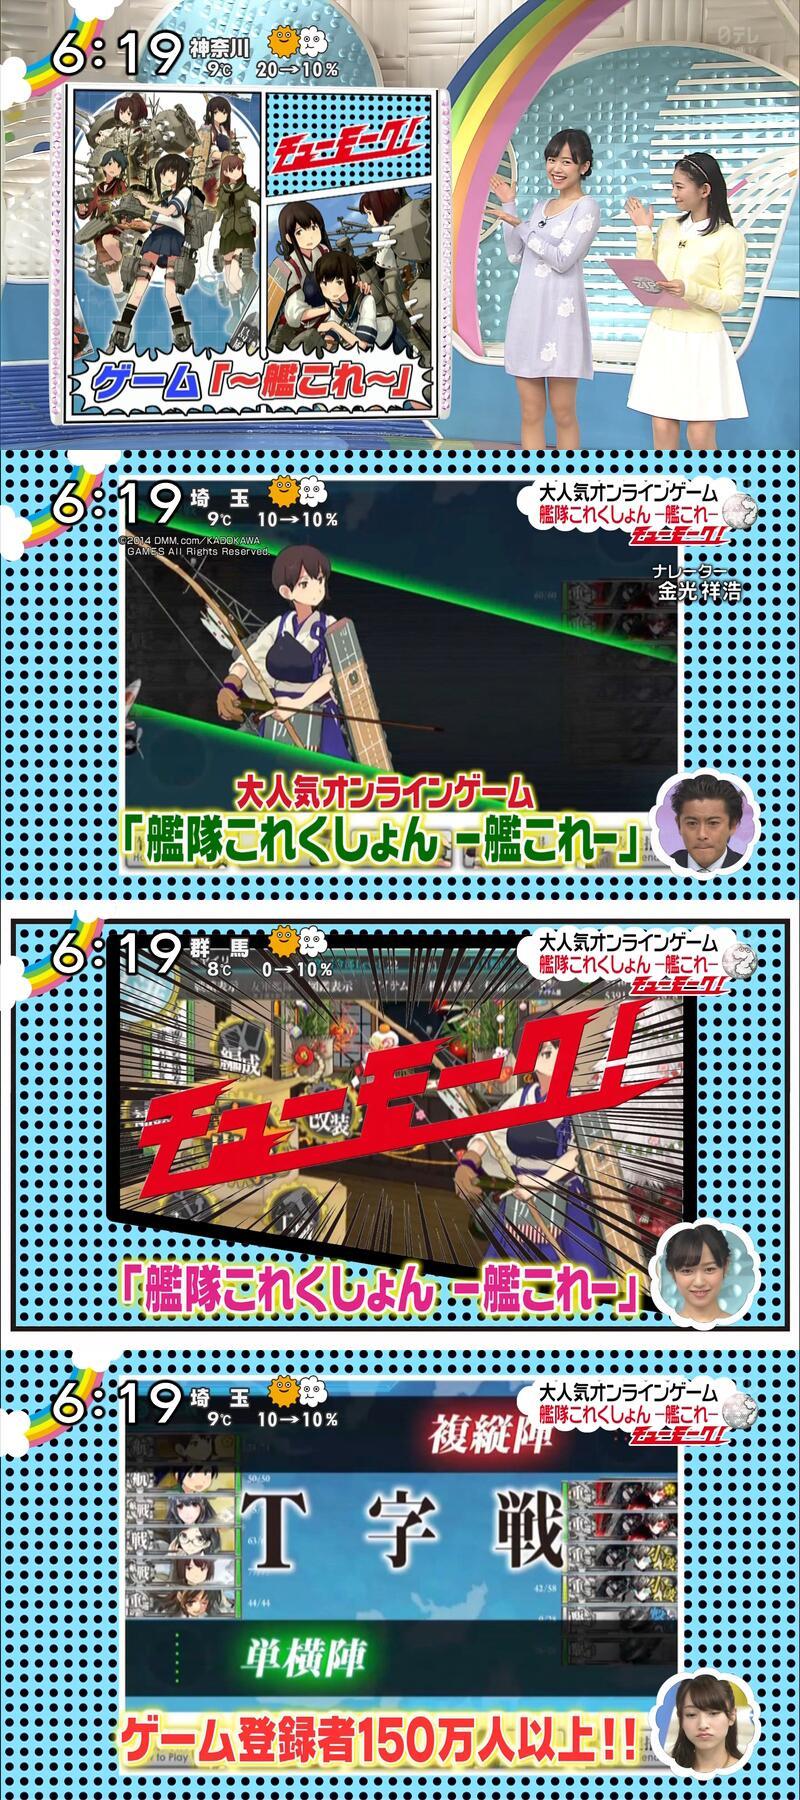 日本テレビ「ZIP!」で『艦隊これくしょん』特集が放送!